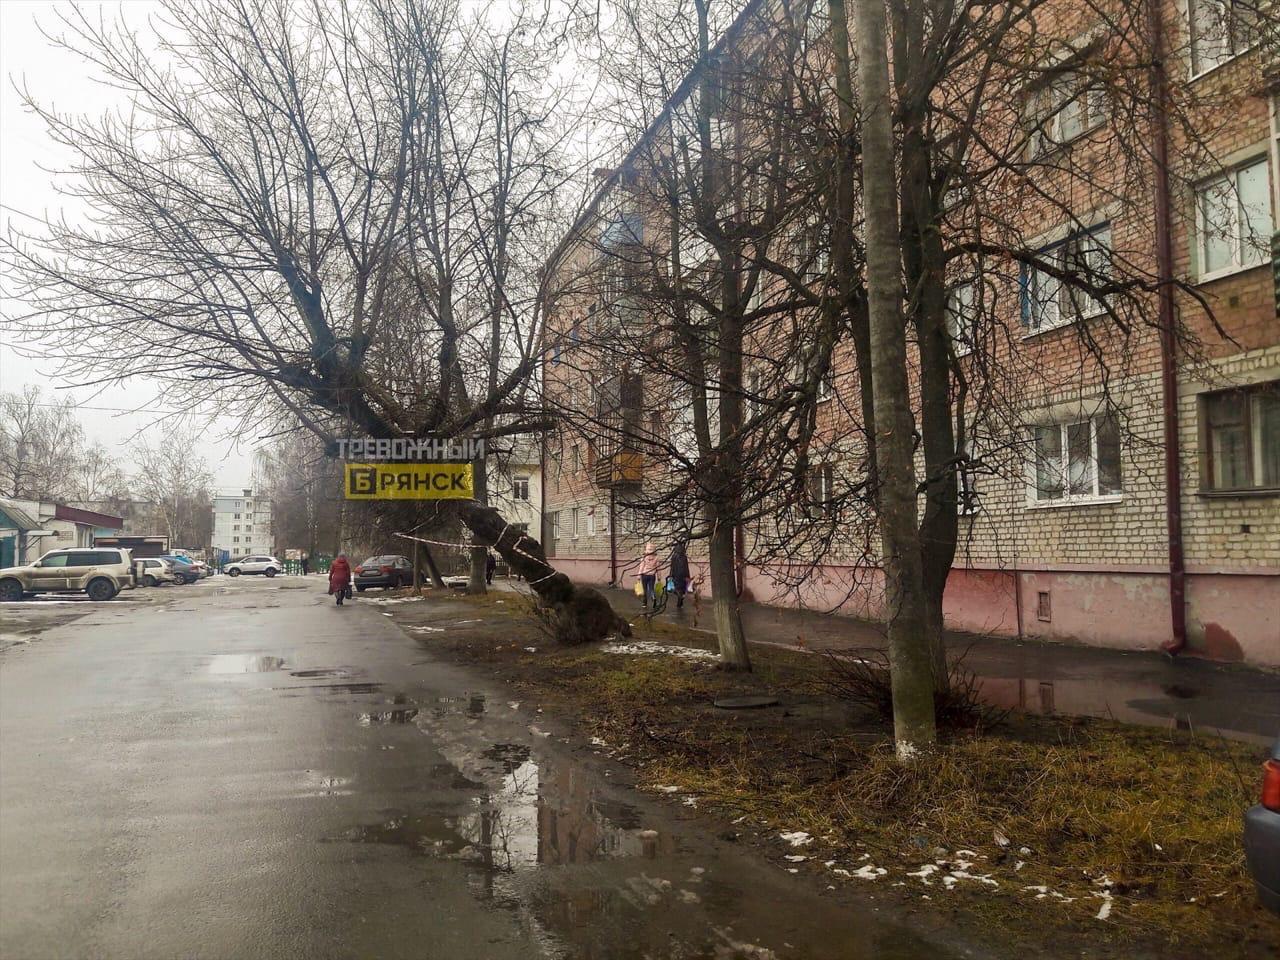 Аварийное дерево в Брянске нависло над дорогой и прохожими